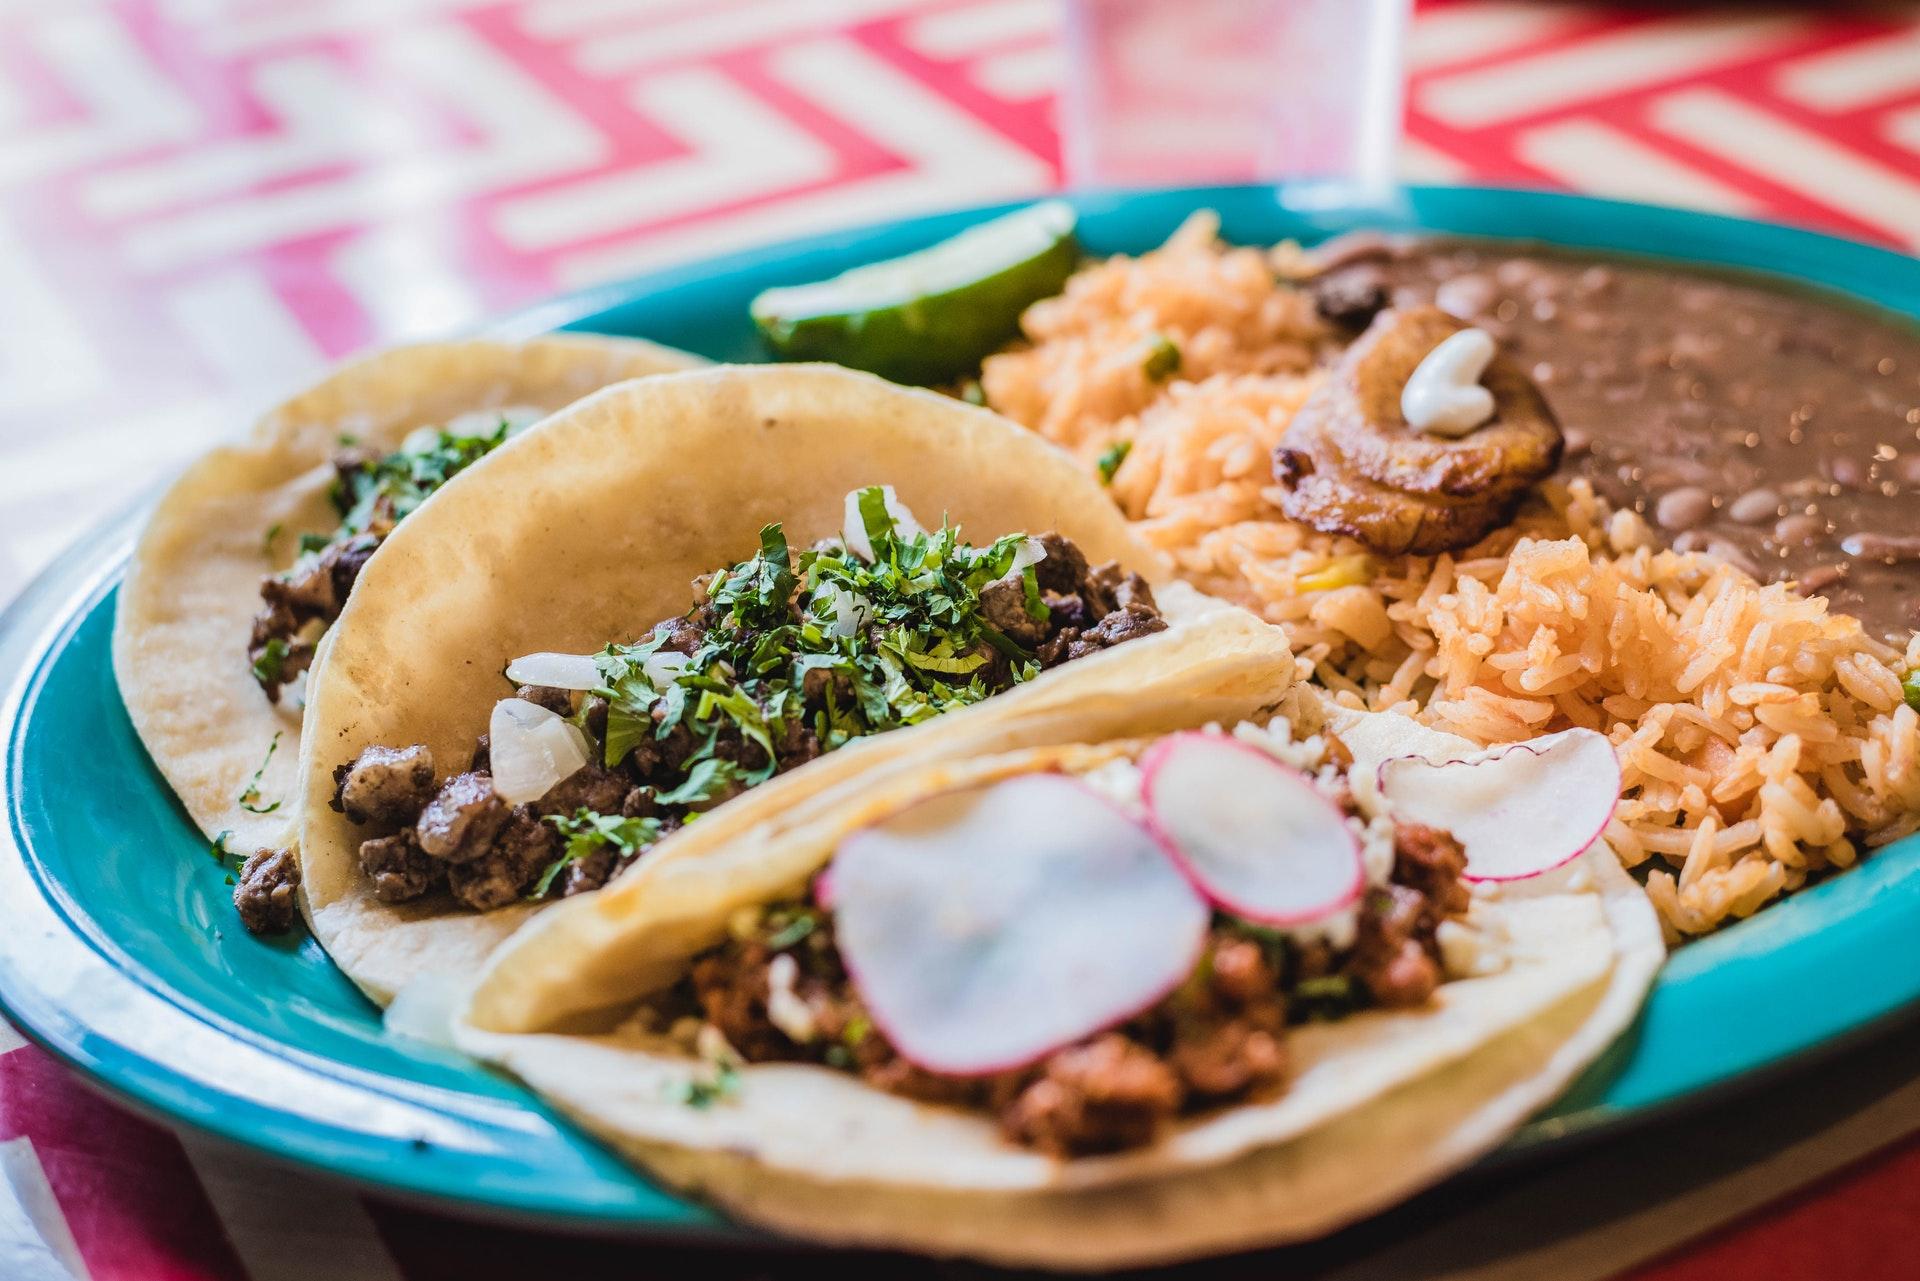 Vemos um prato de tacos mexicanos, acompanhado de chilli beans, arroz e banana frita (imagem ilustrativa). Texto: melhores franquias de sucesso.